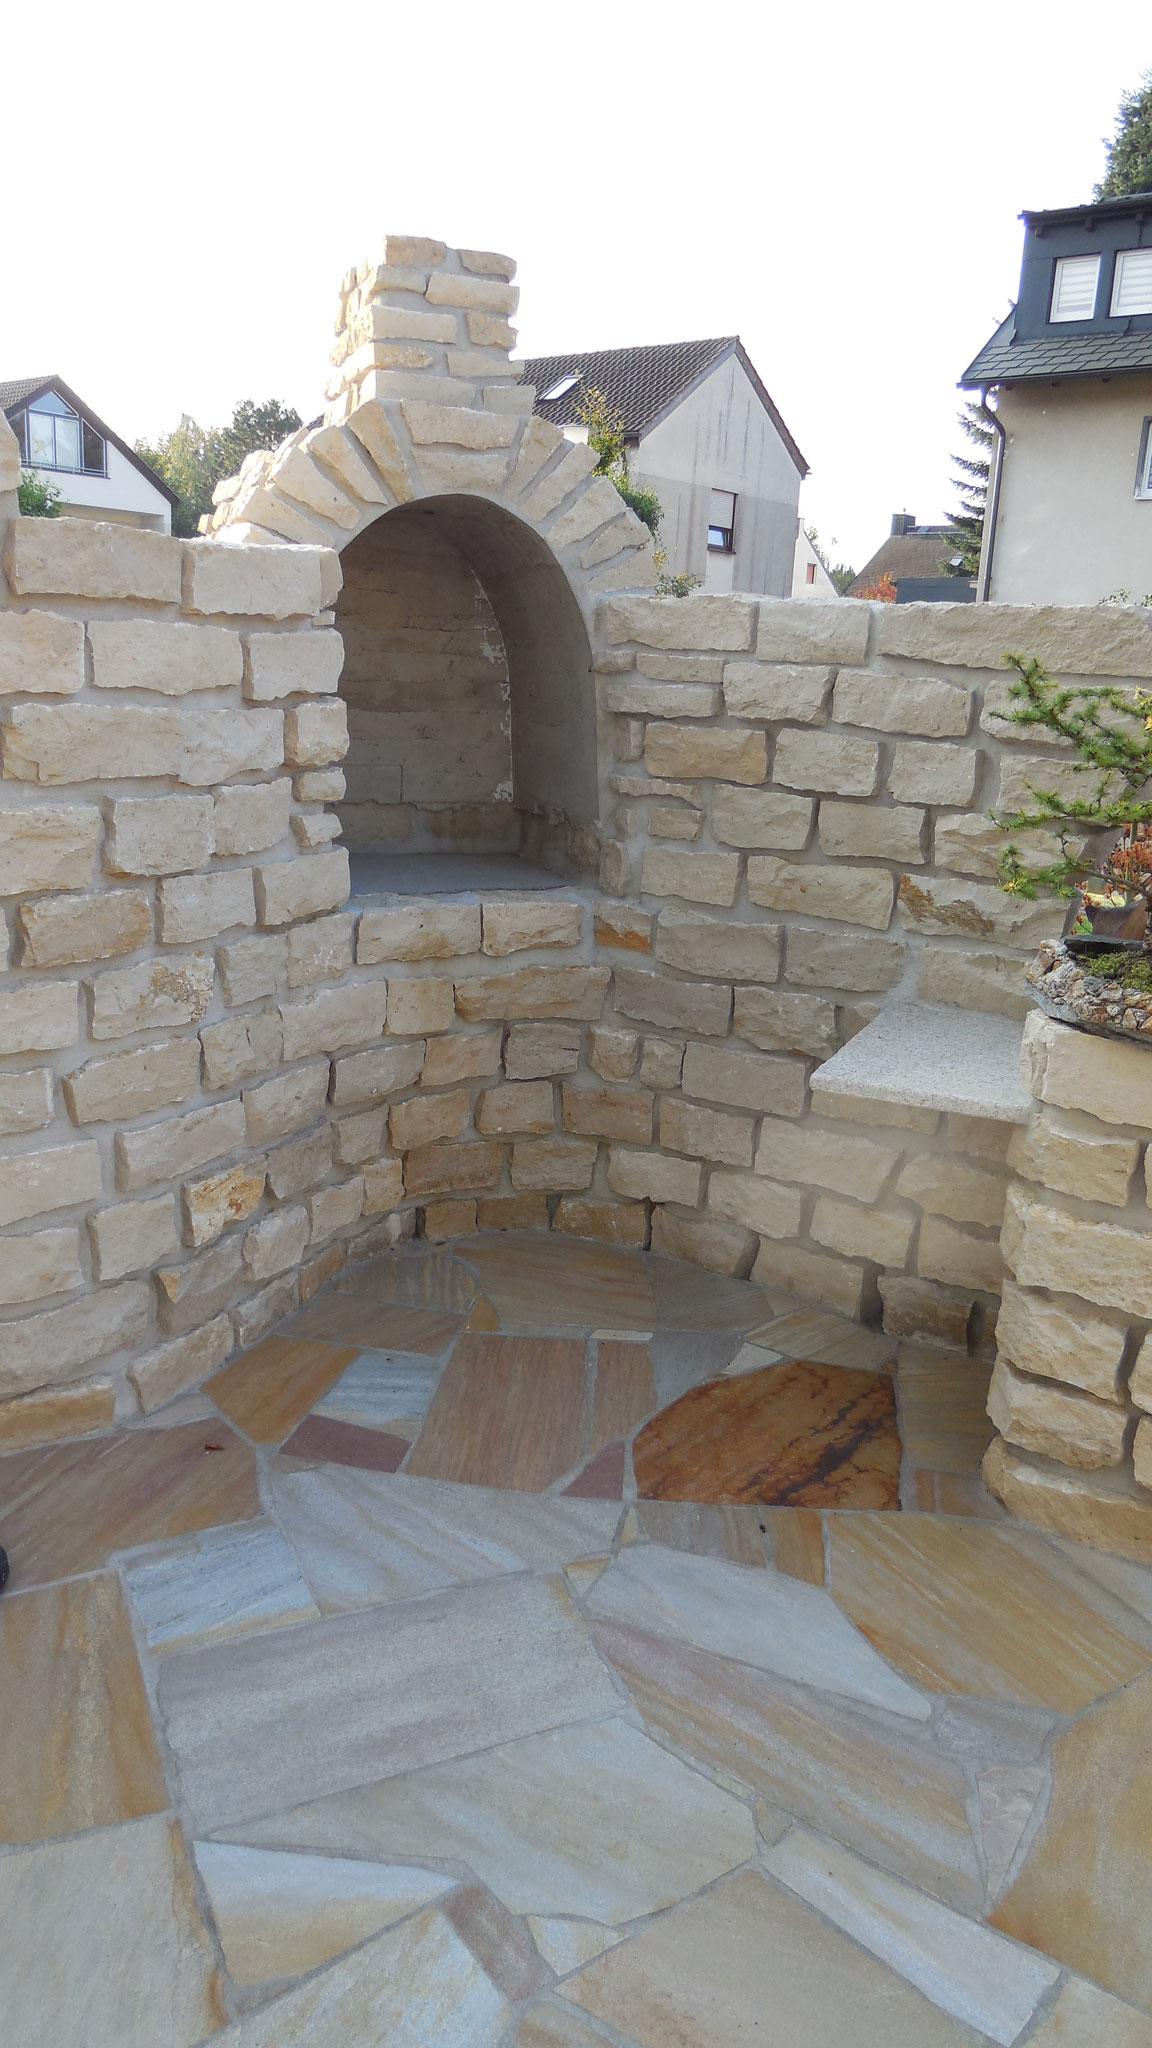 Sichtschutzmauer aus Naturstein mit integriertem Grill